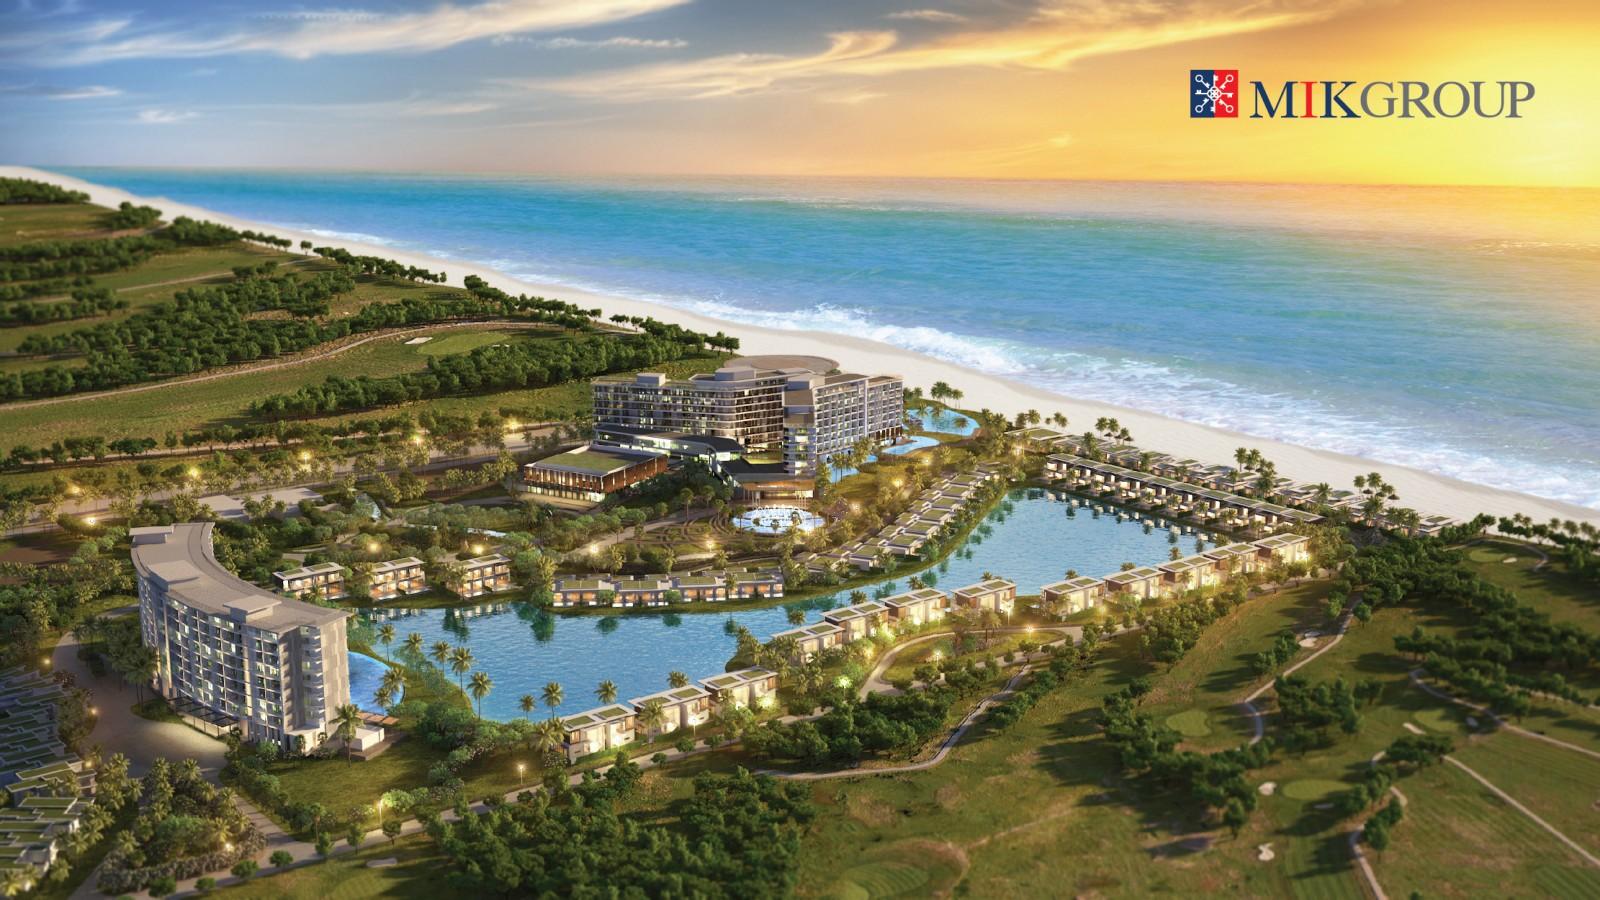 Movenpick Resort Waverly Phú Quốc đạt giải Dự án ven biển tốt nhất.